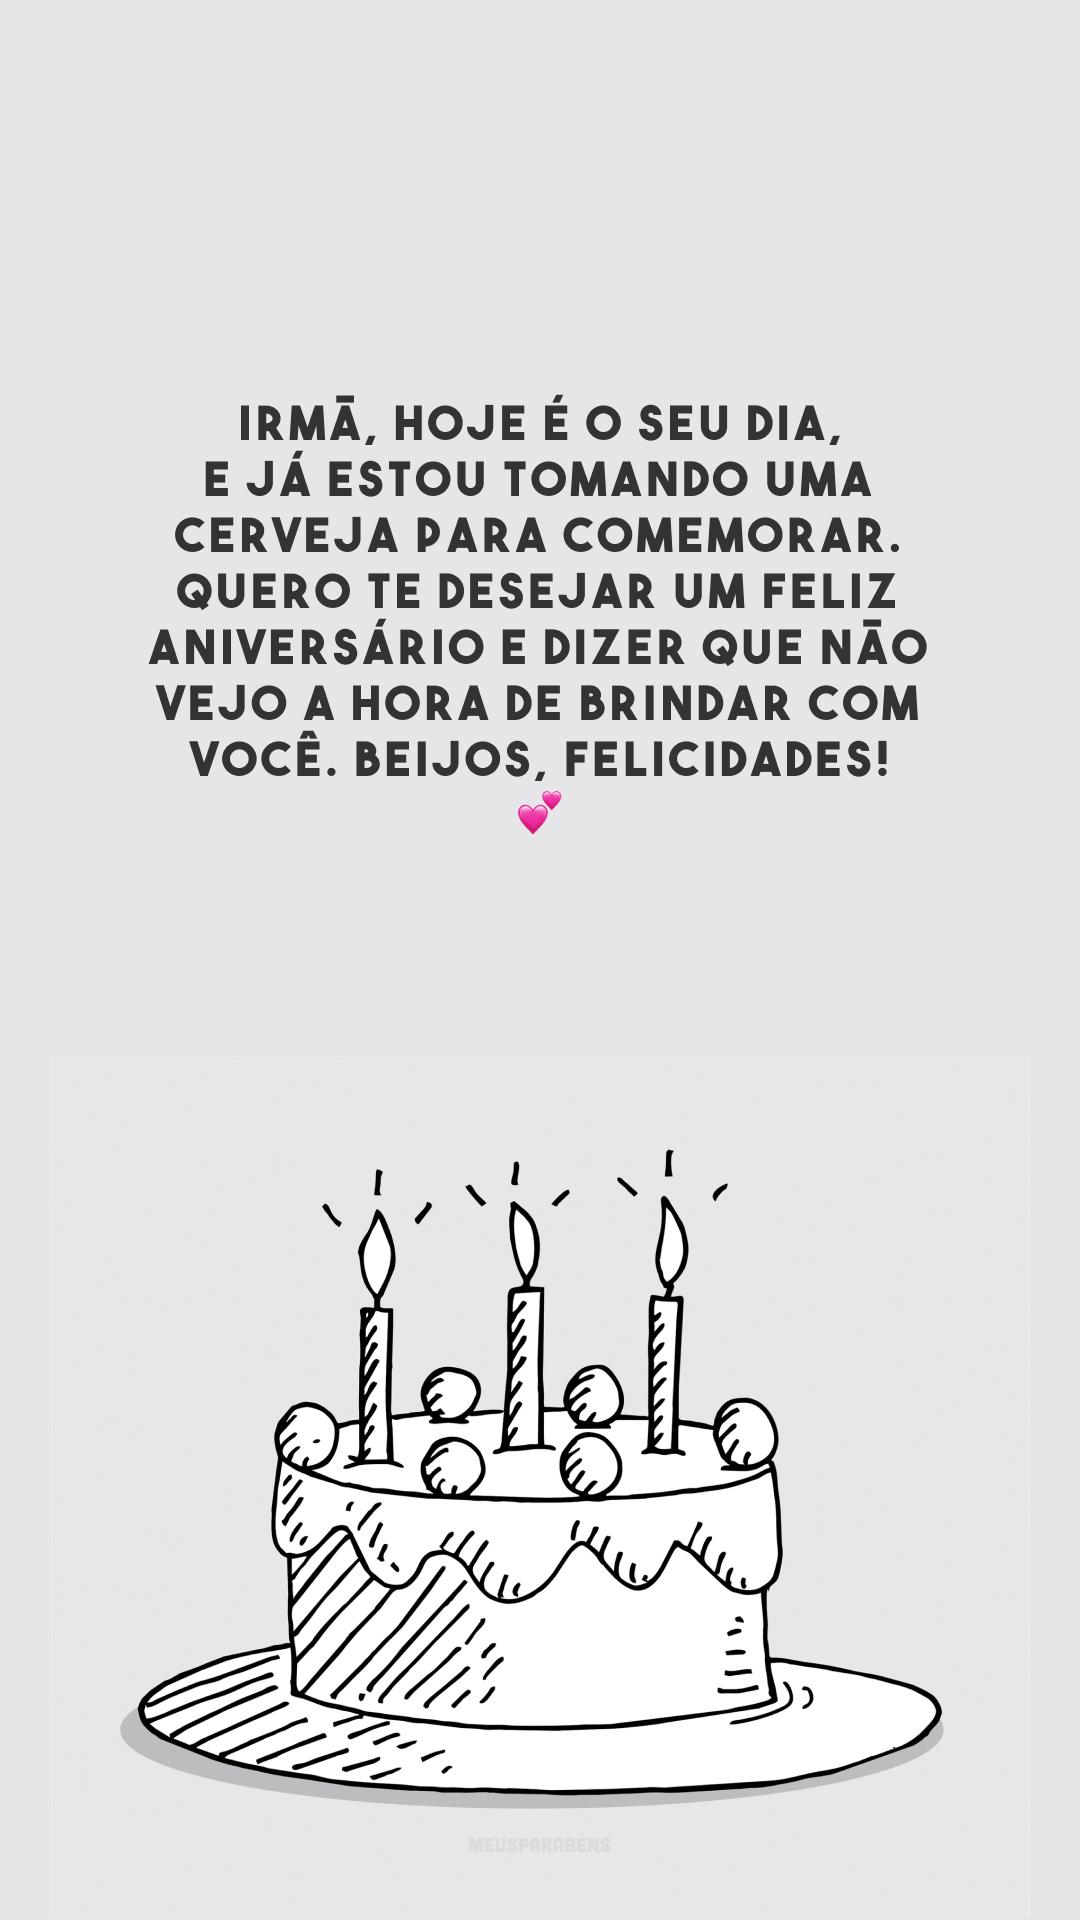 Irmã, hoje é o seu dia, e já estou tomando uma cerveja para comemorar. Quero te desejar um feliz aniversário e dizer que não vejo a hora de brindar com você. Beijos, felicidades! 💕